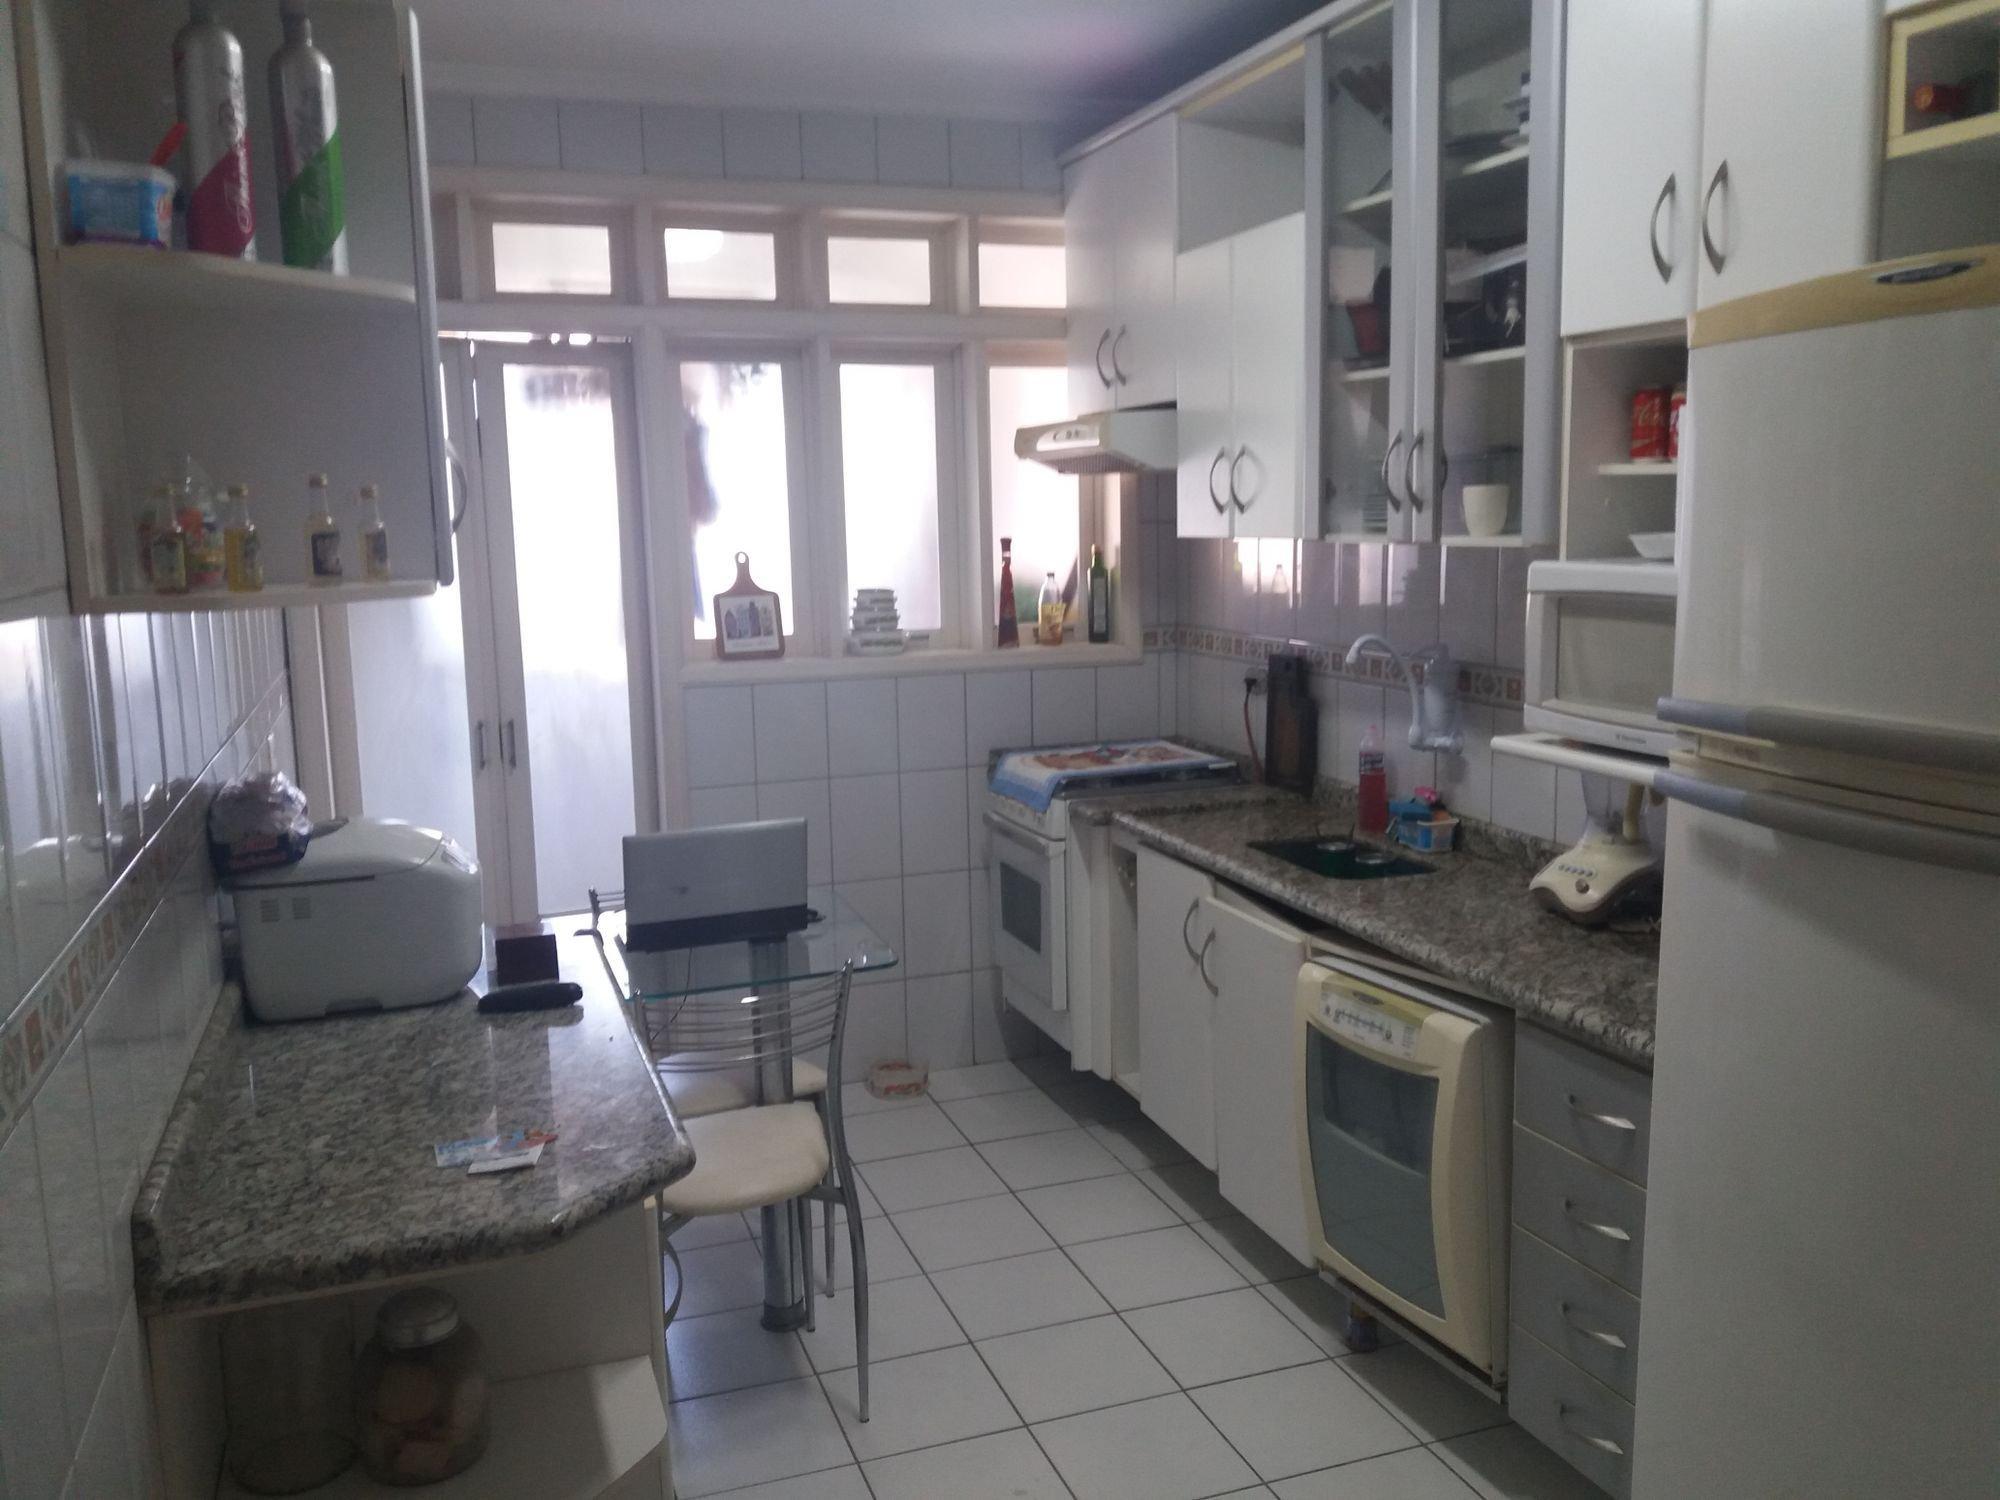 Foto de Cozinha com forno, pia, cadeira, garrafa, tigela, geladeira, microondas